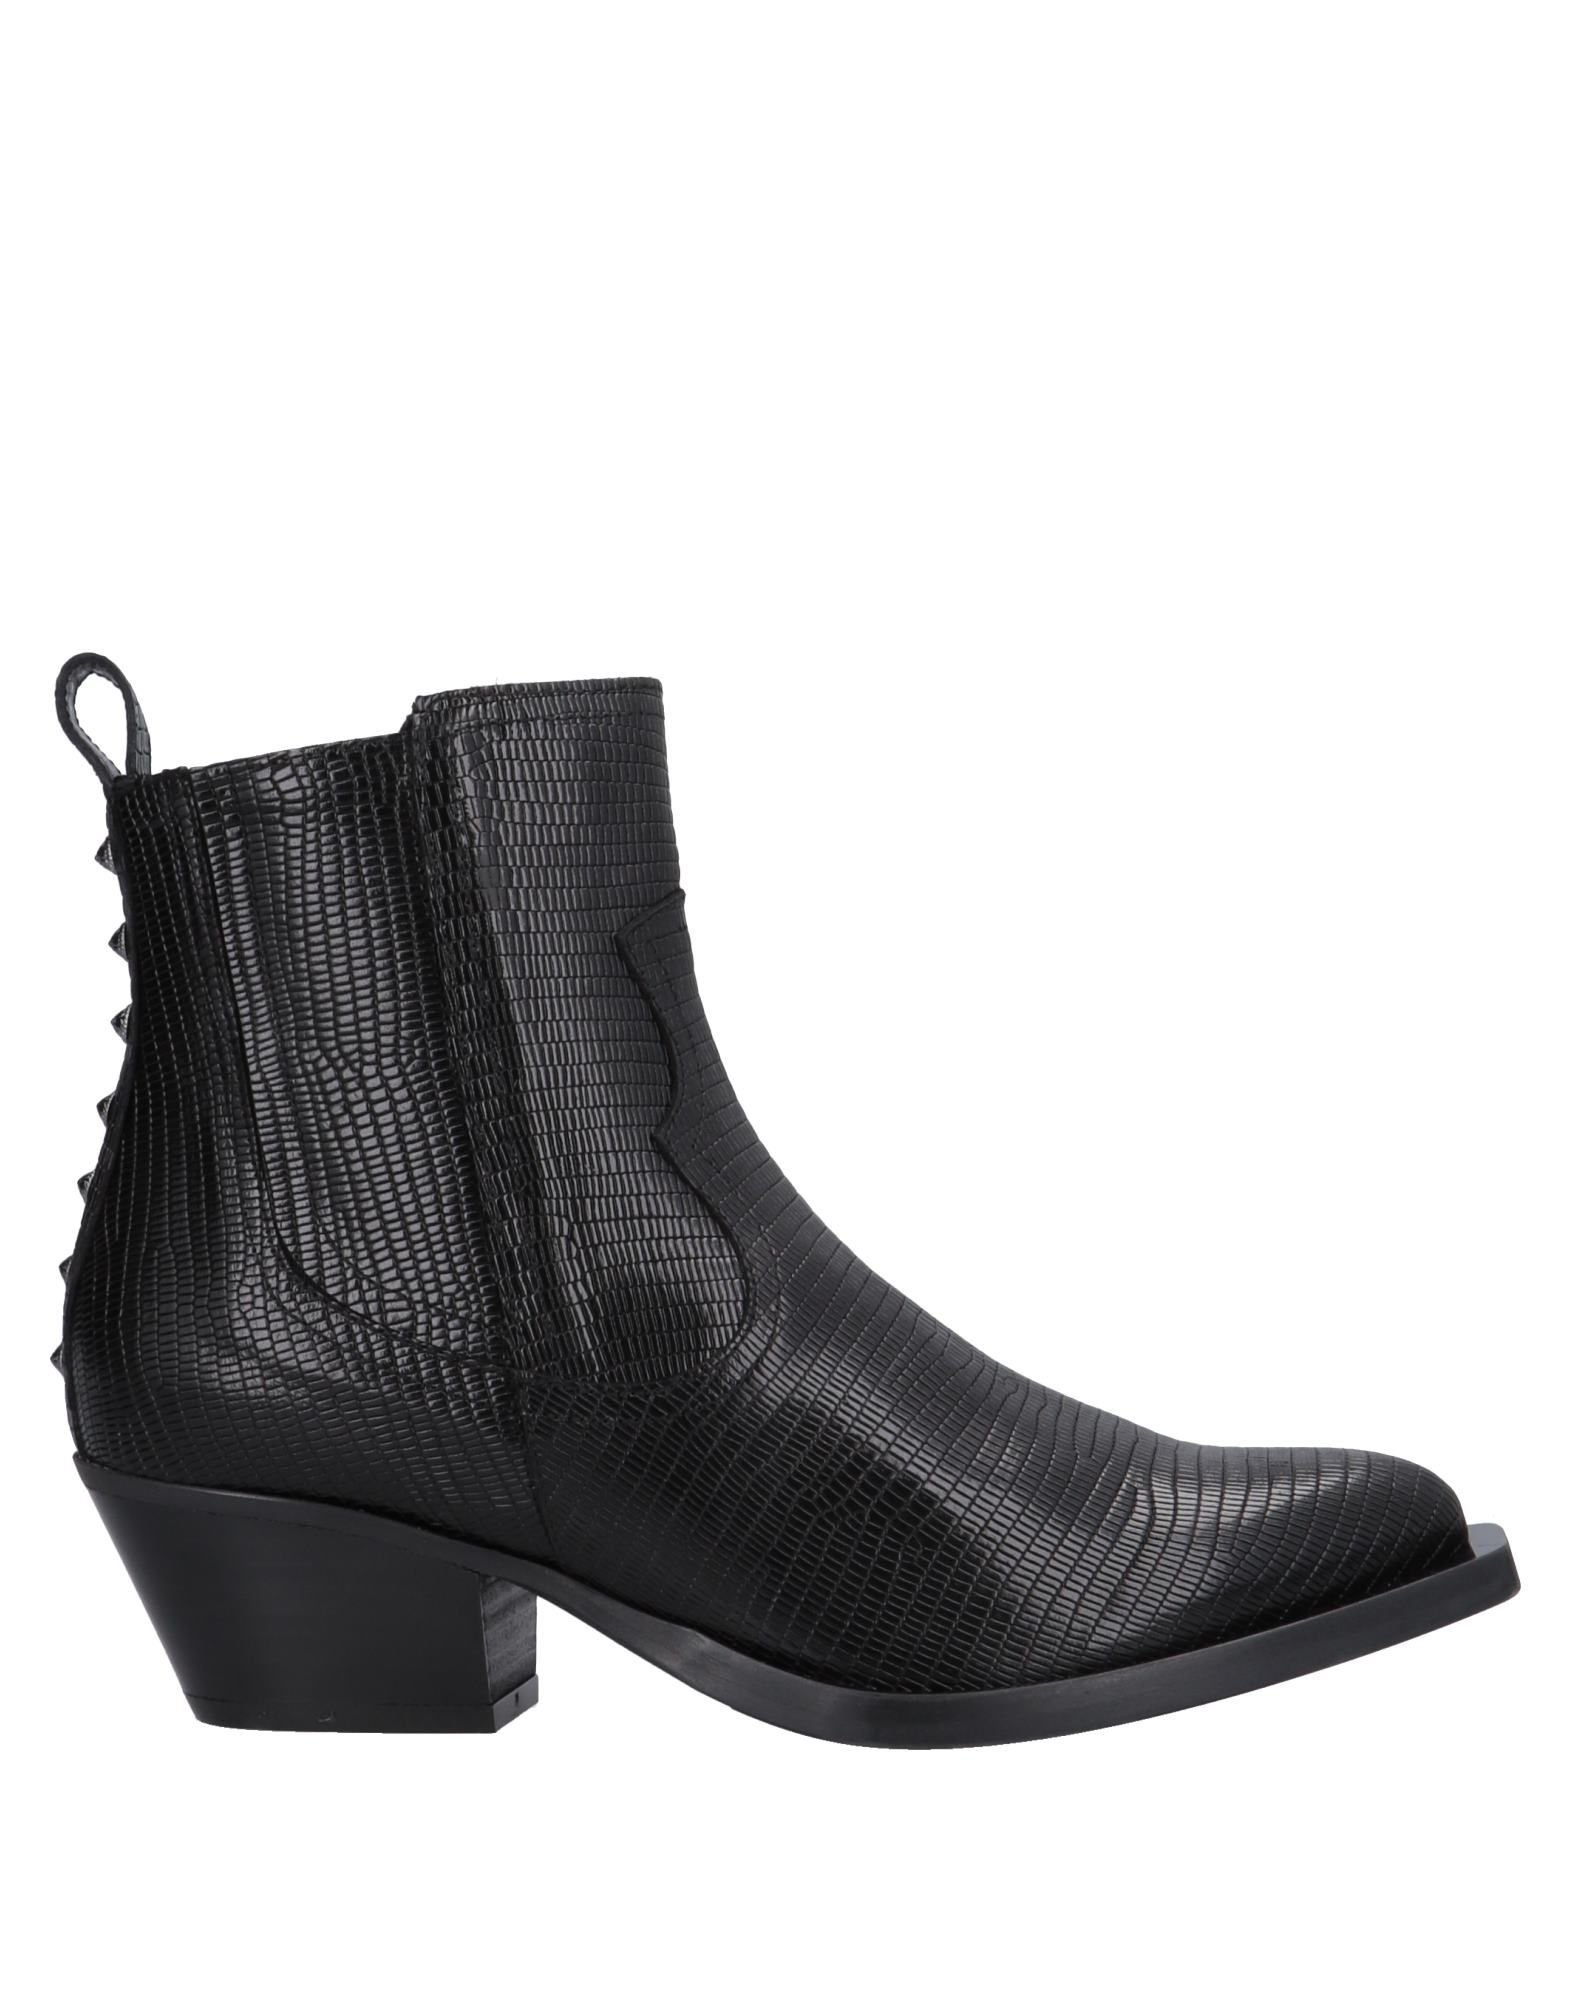 Zinda Stiefelette Damen  11549735FDGut aussehende strapazierfähige Schuhe